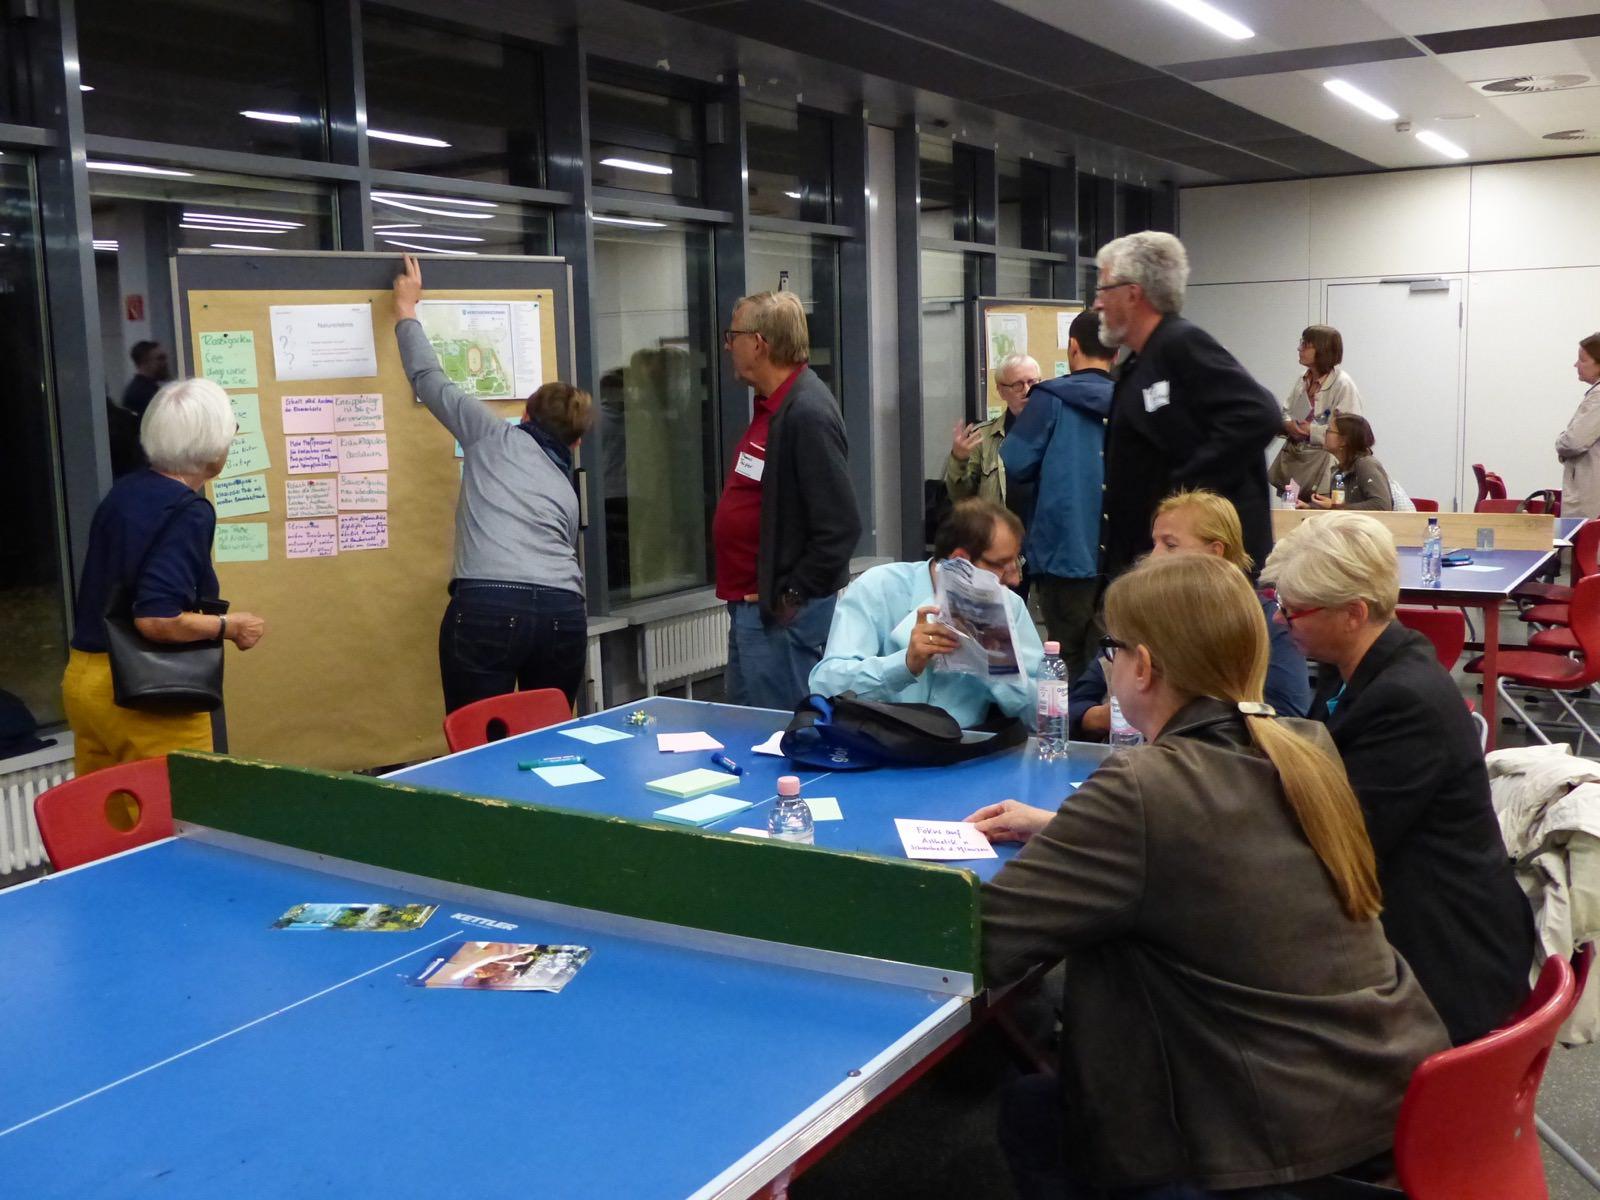 Die Teilnehmer*innen wechselten von Tisch zu Tisch | Foto: Hans-Jürg Liebert